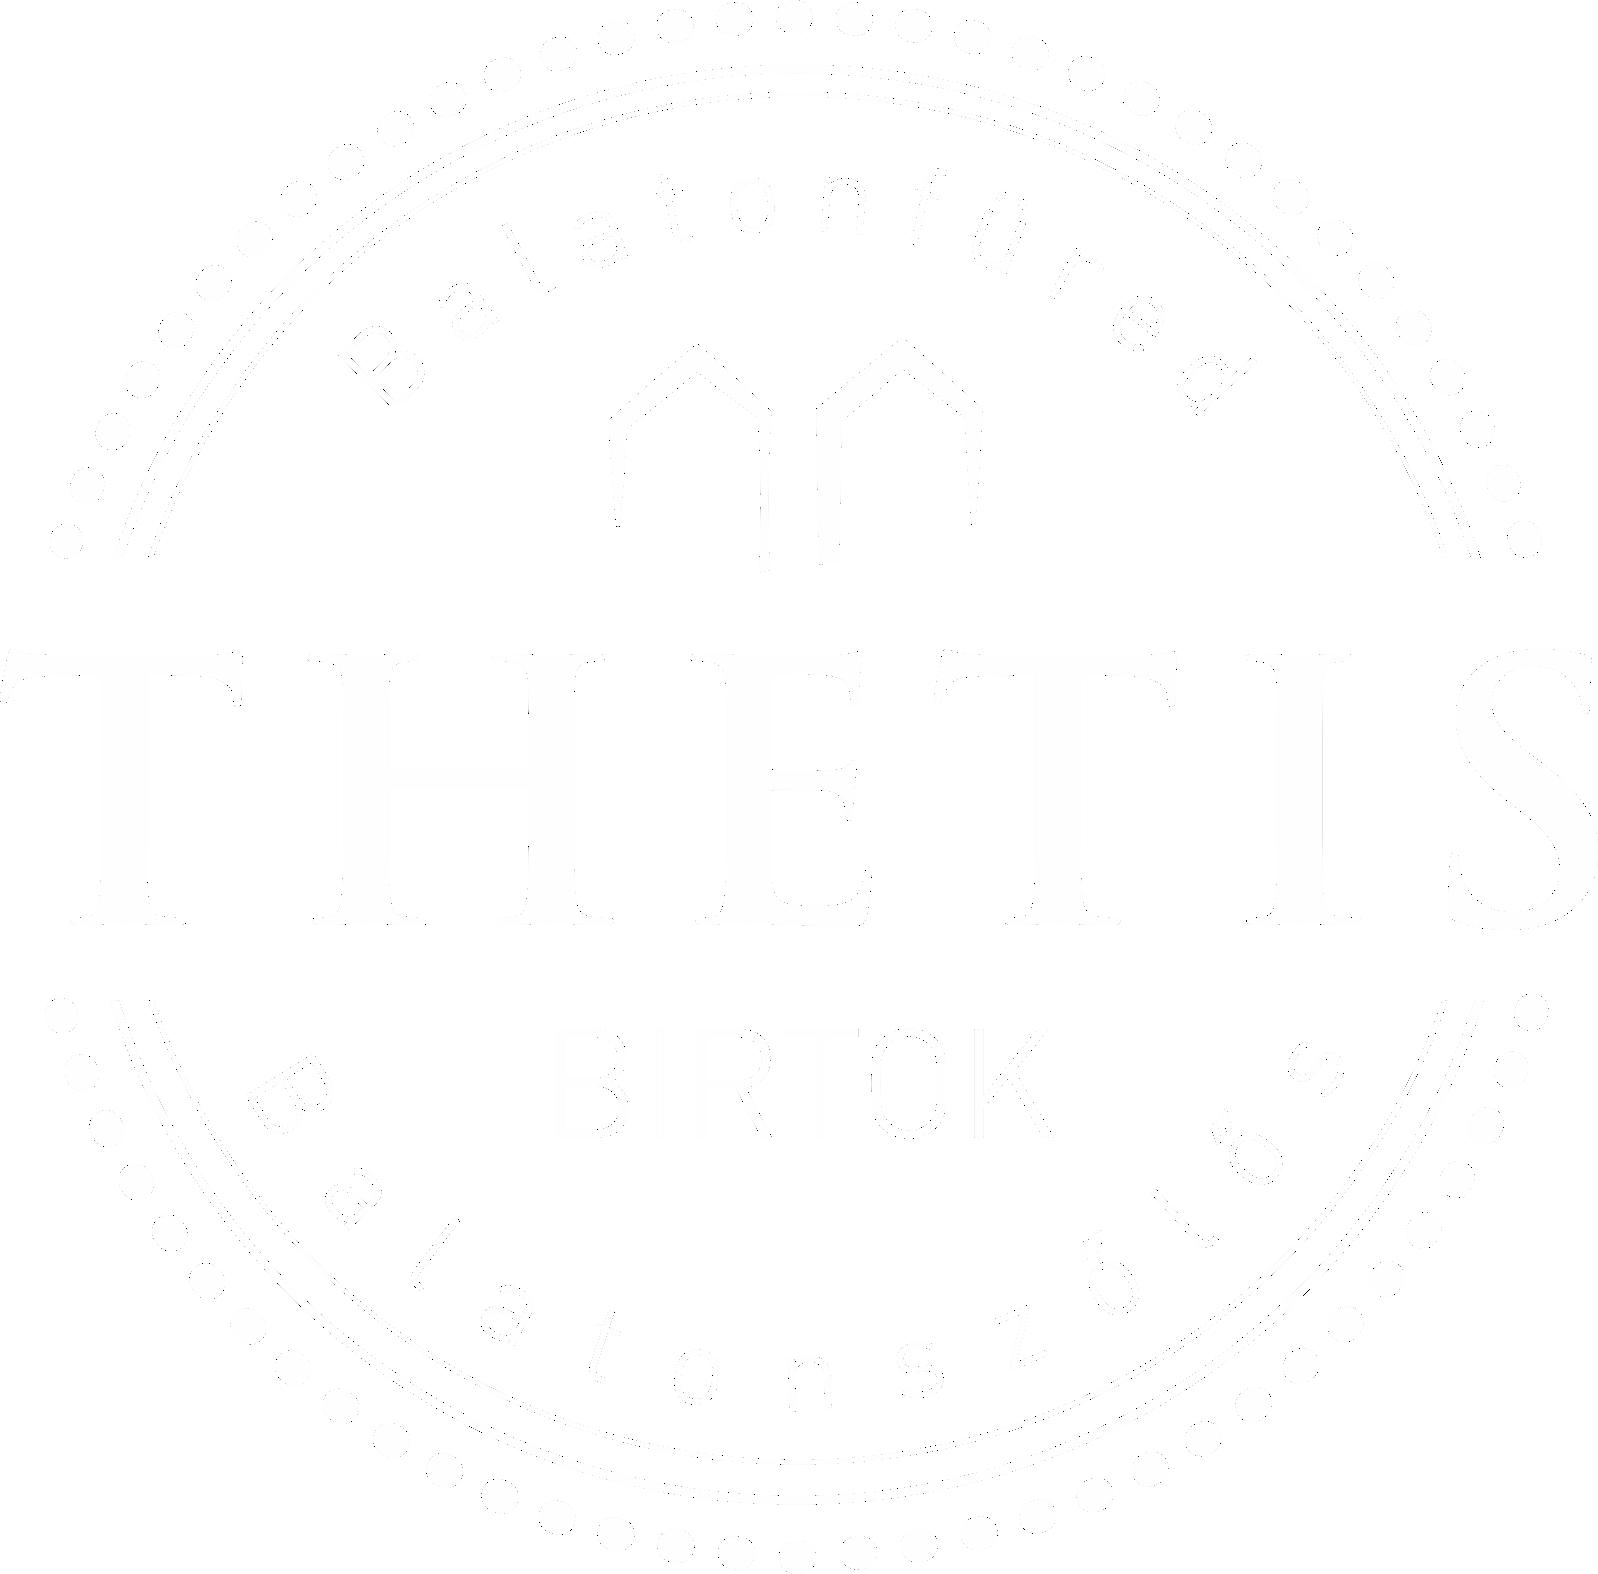 thetis-birtok-ff